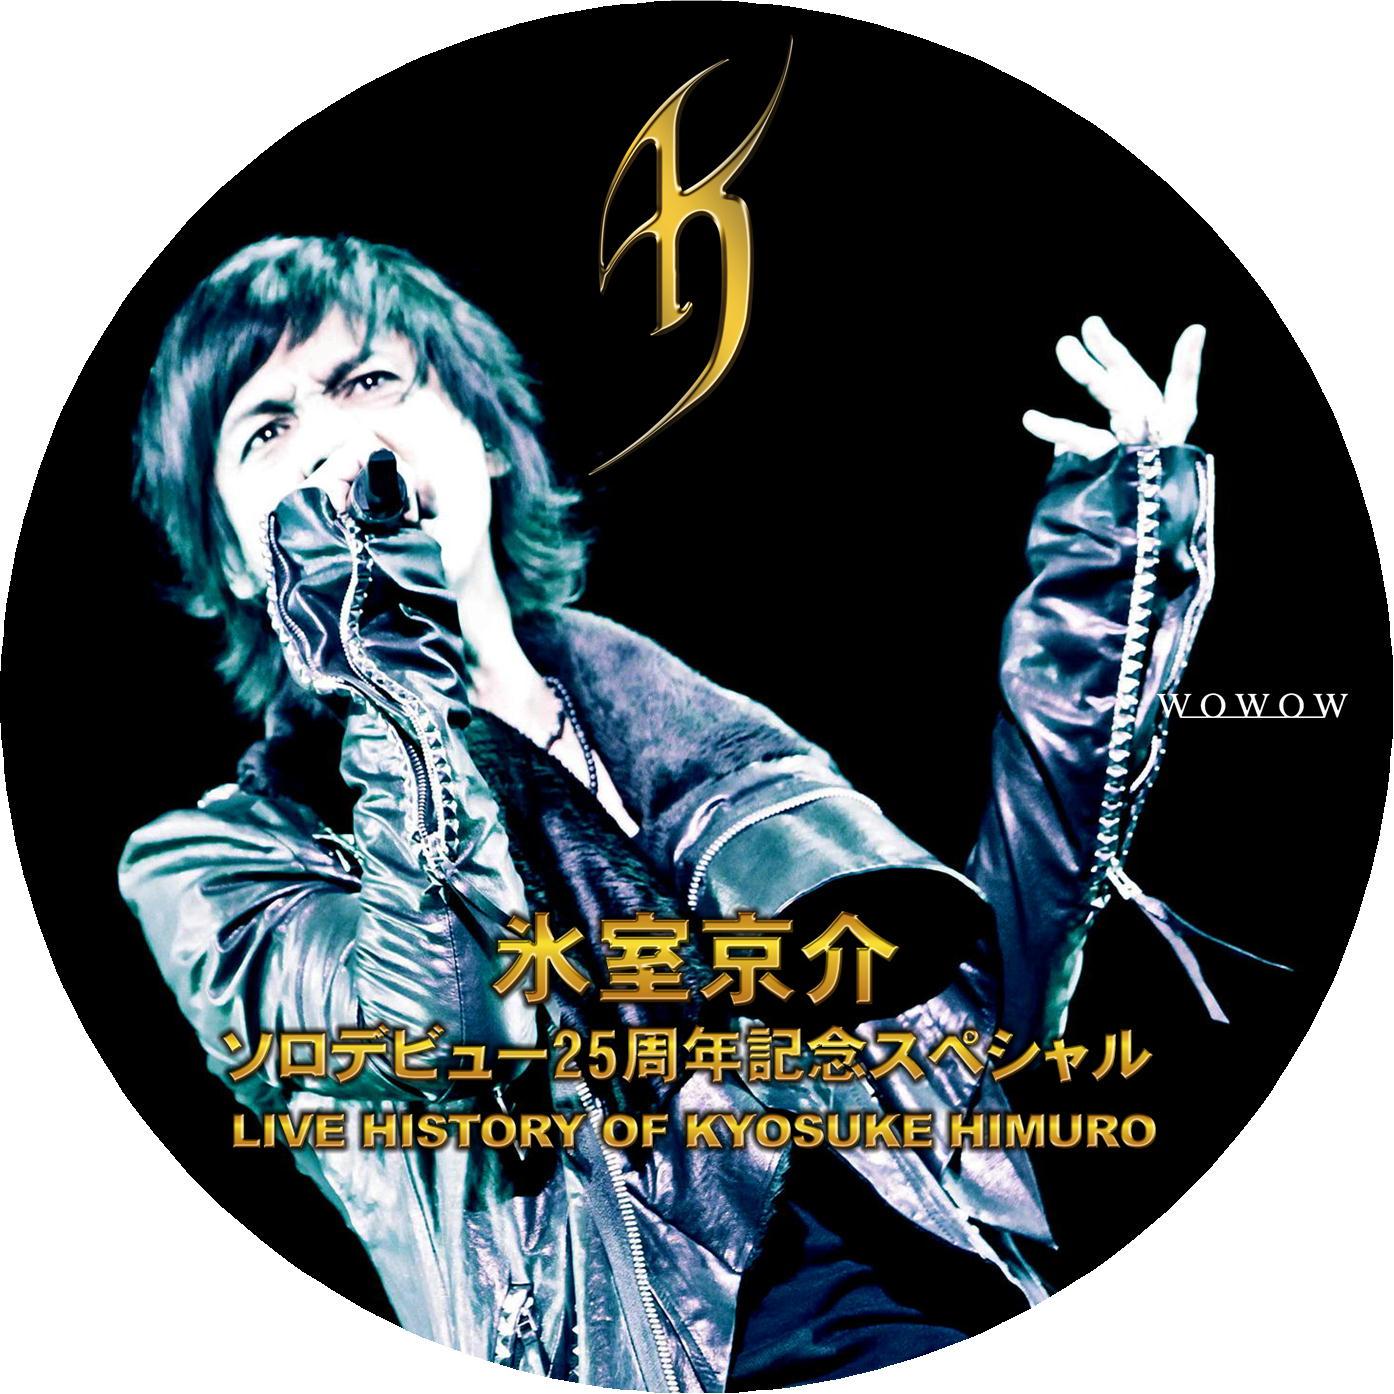 氷室京介 DVDラベル